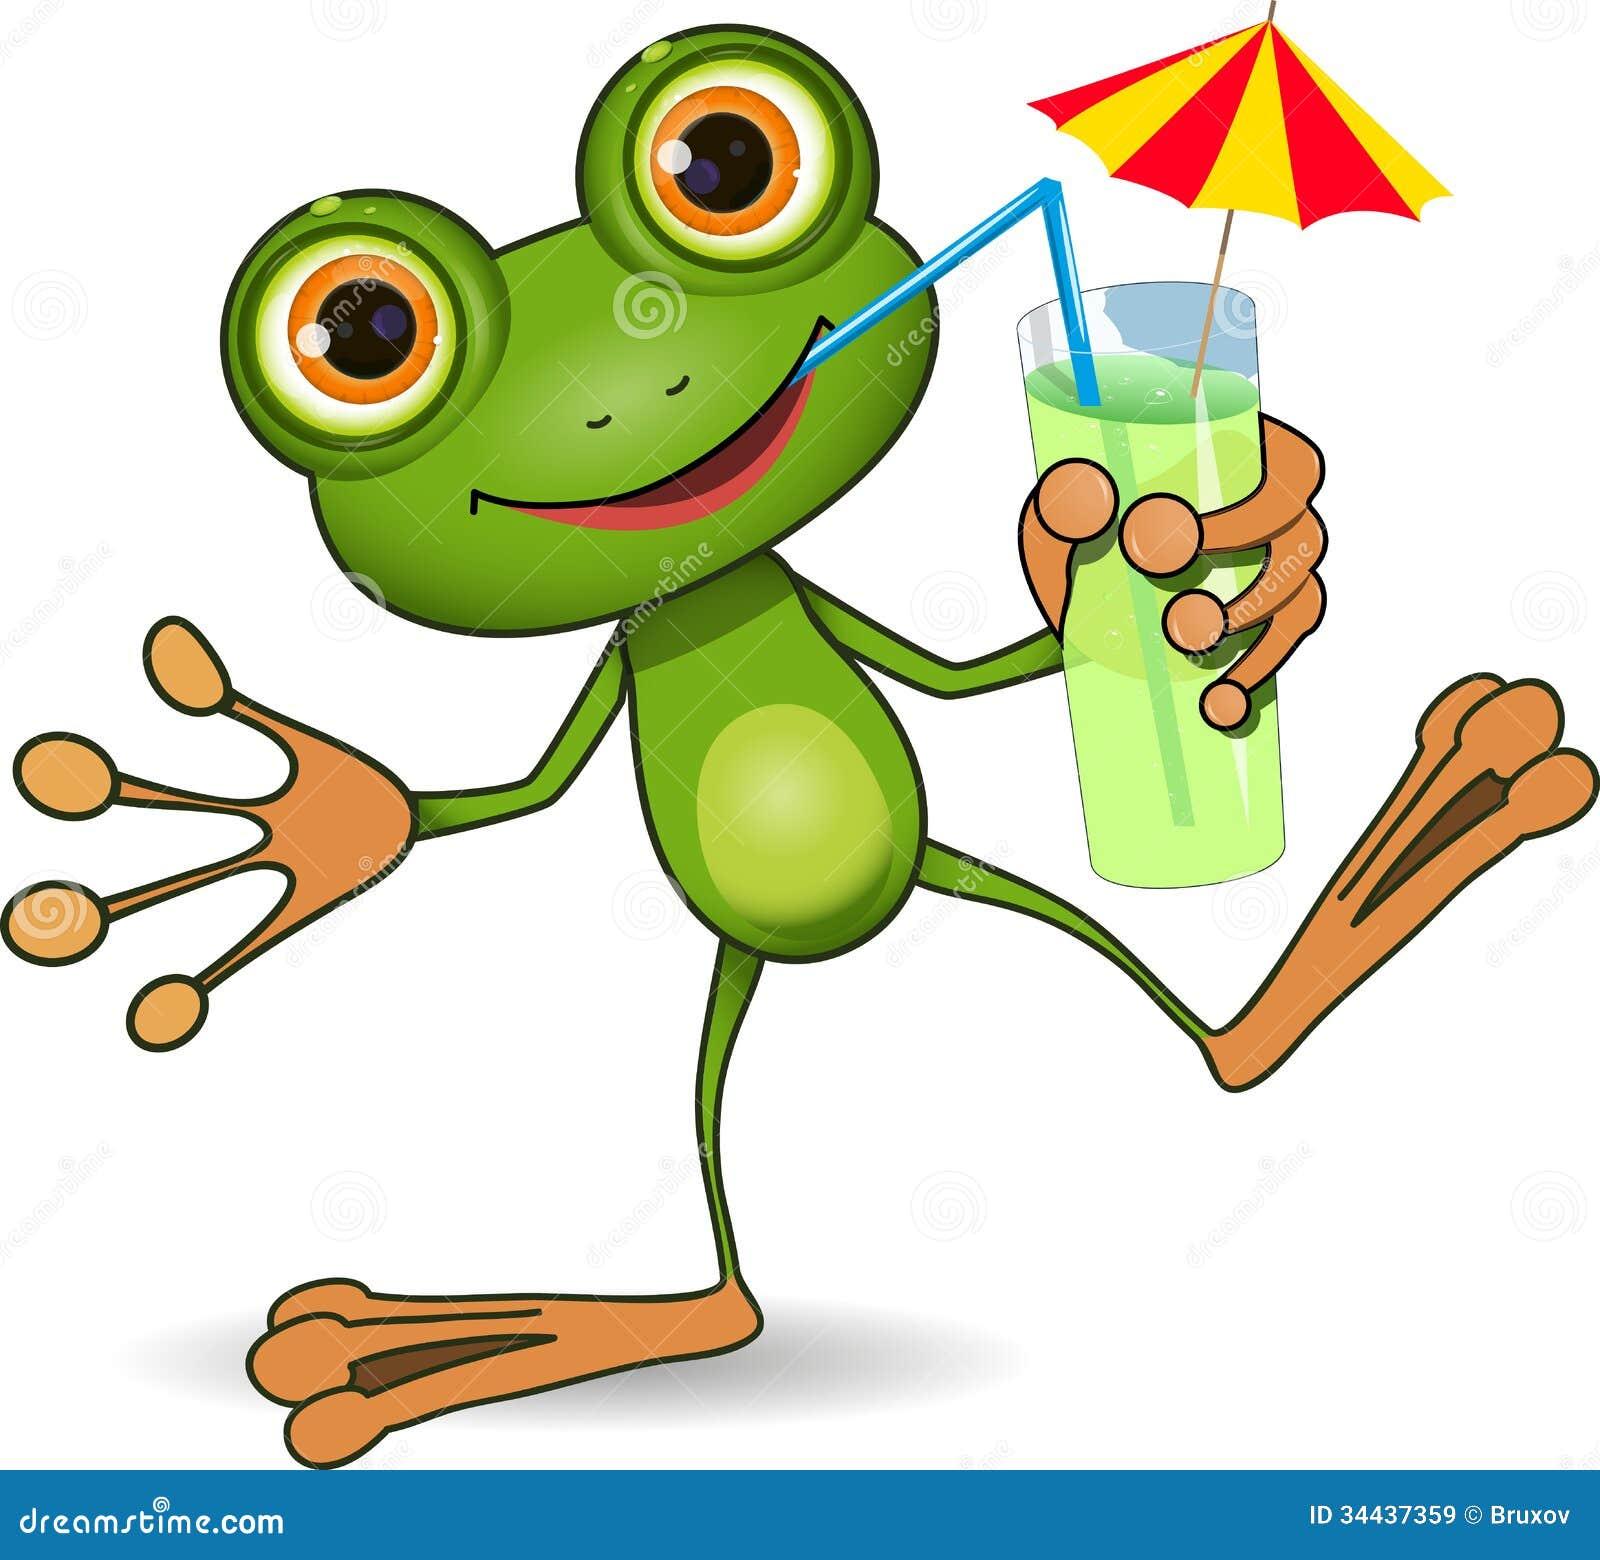 amphibians clipart